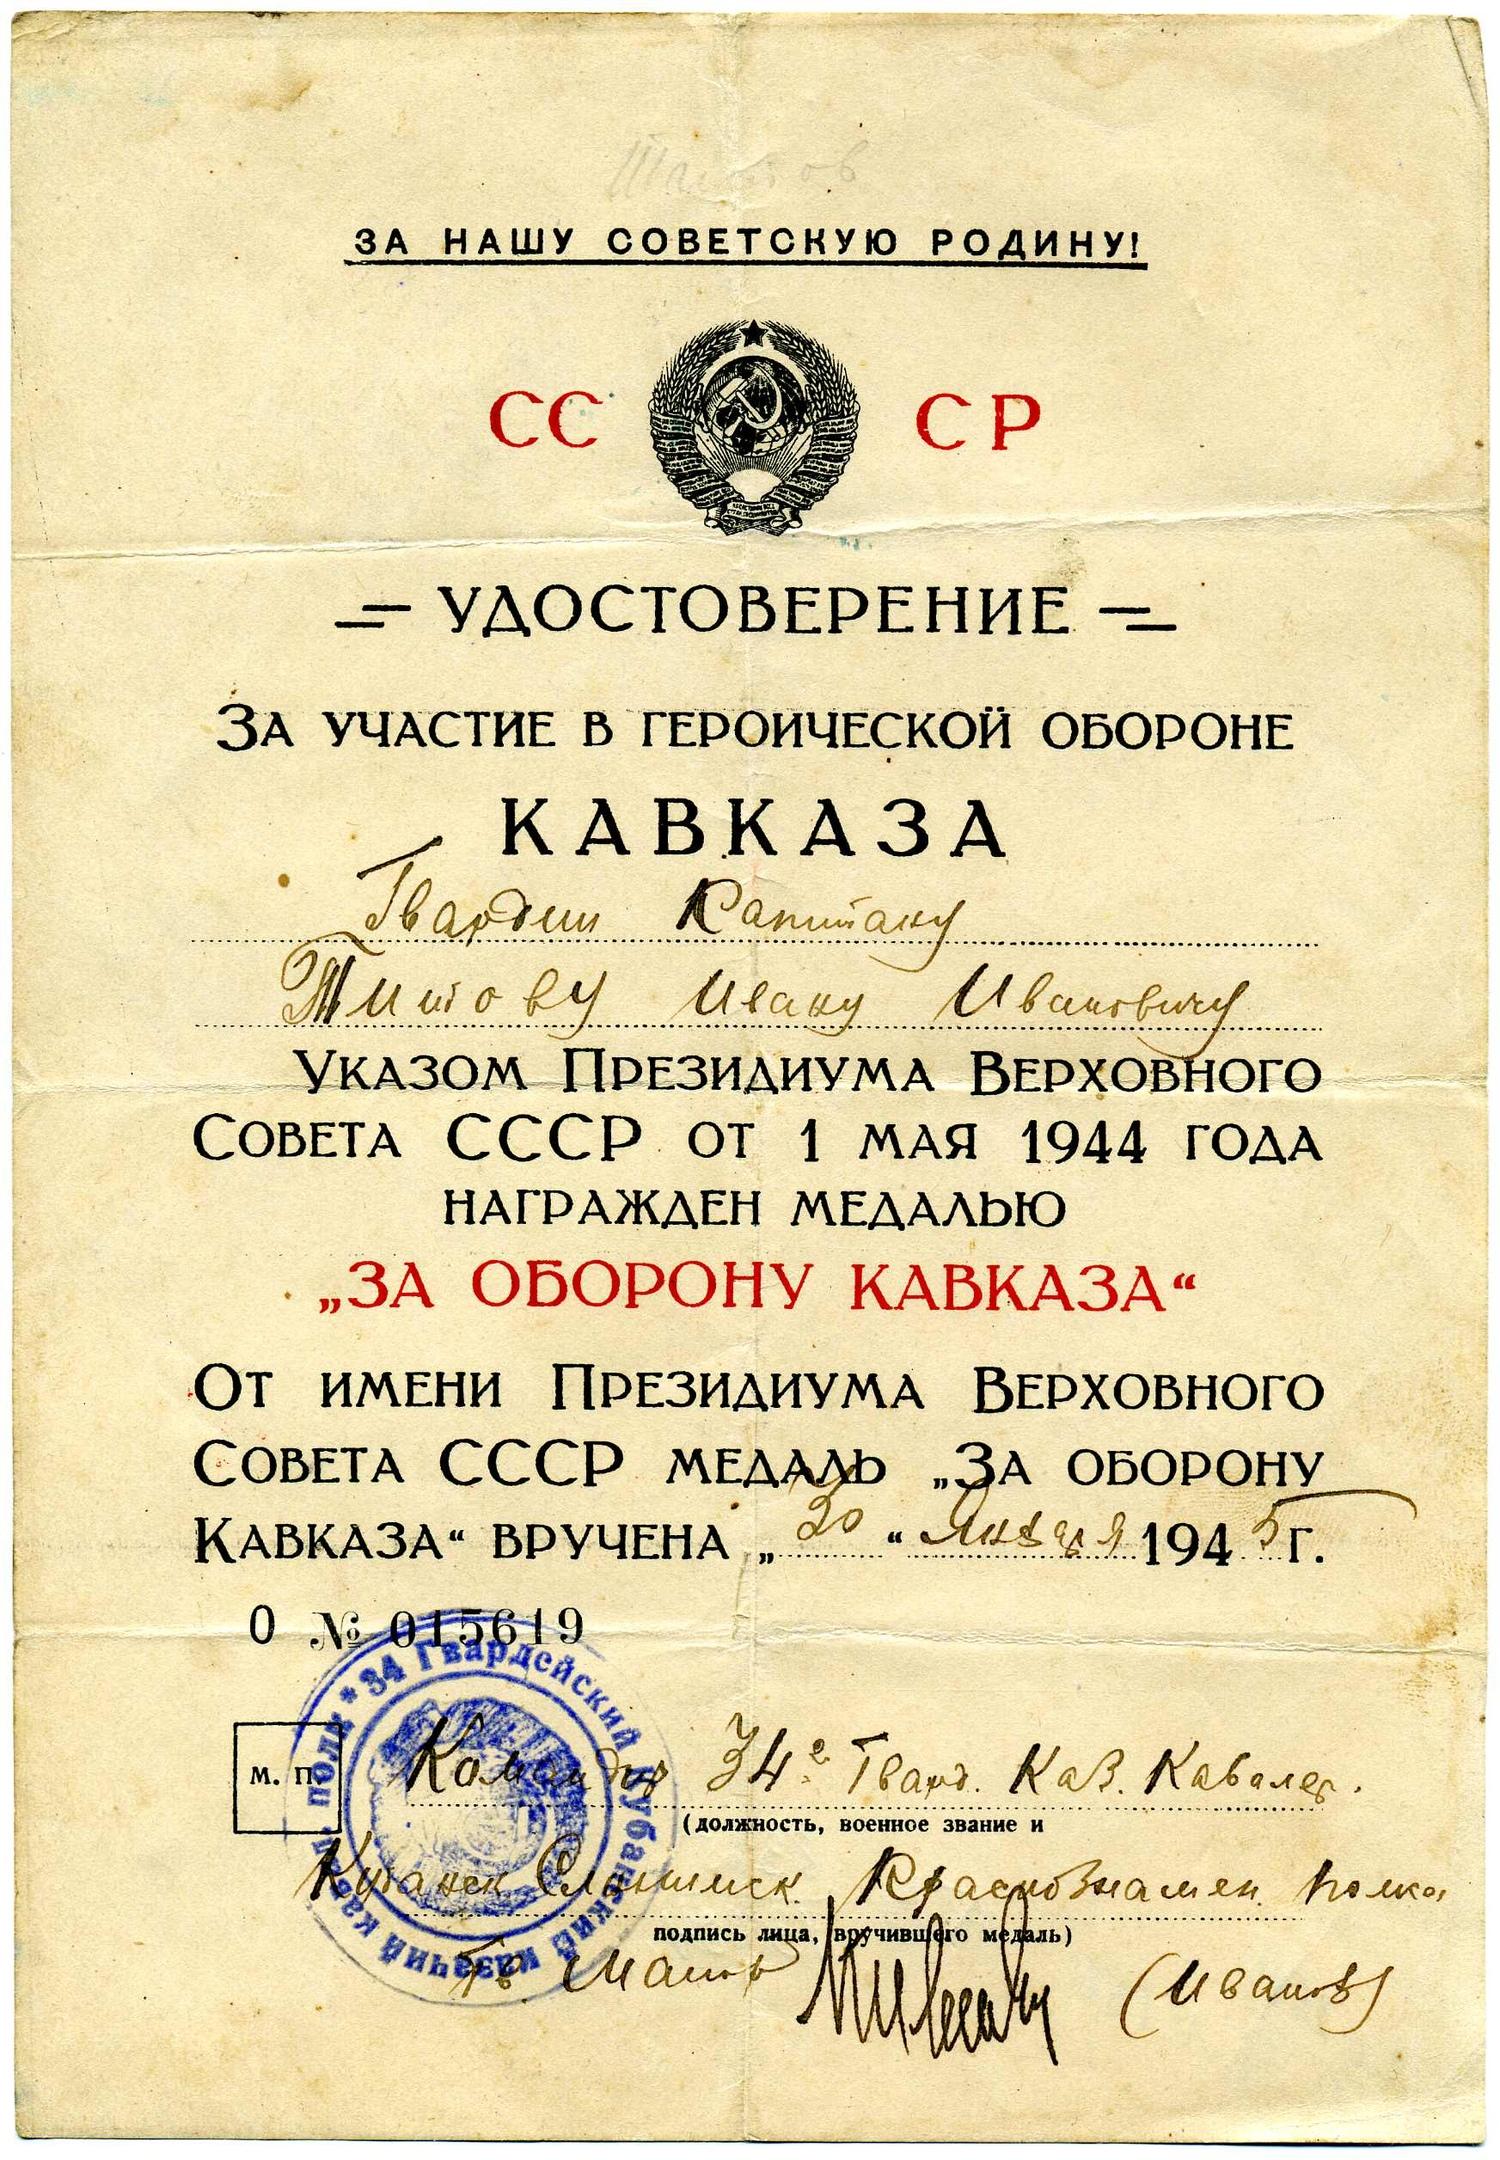 Анапчане – казаки 4-го гвардейского Кубанского казачьего кавалерийского корпуса., изображение №7